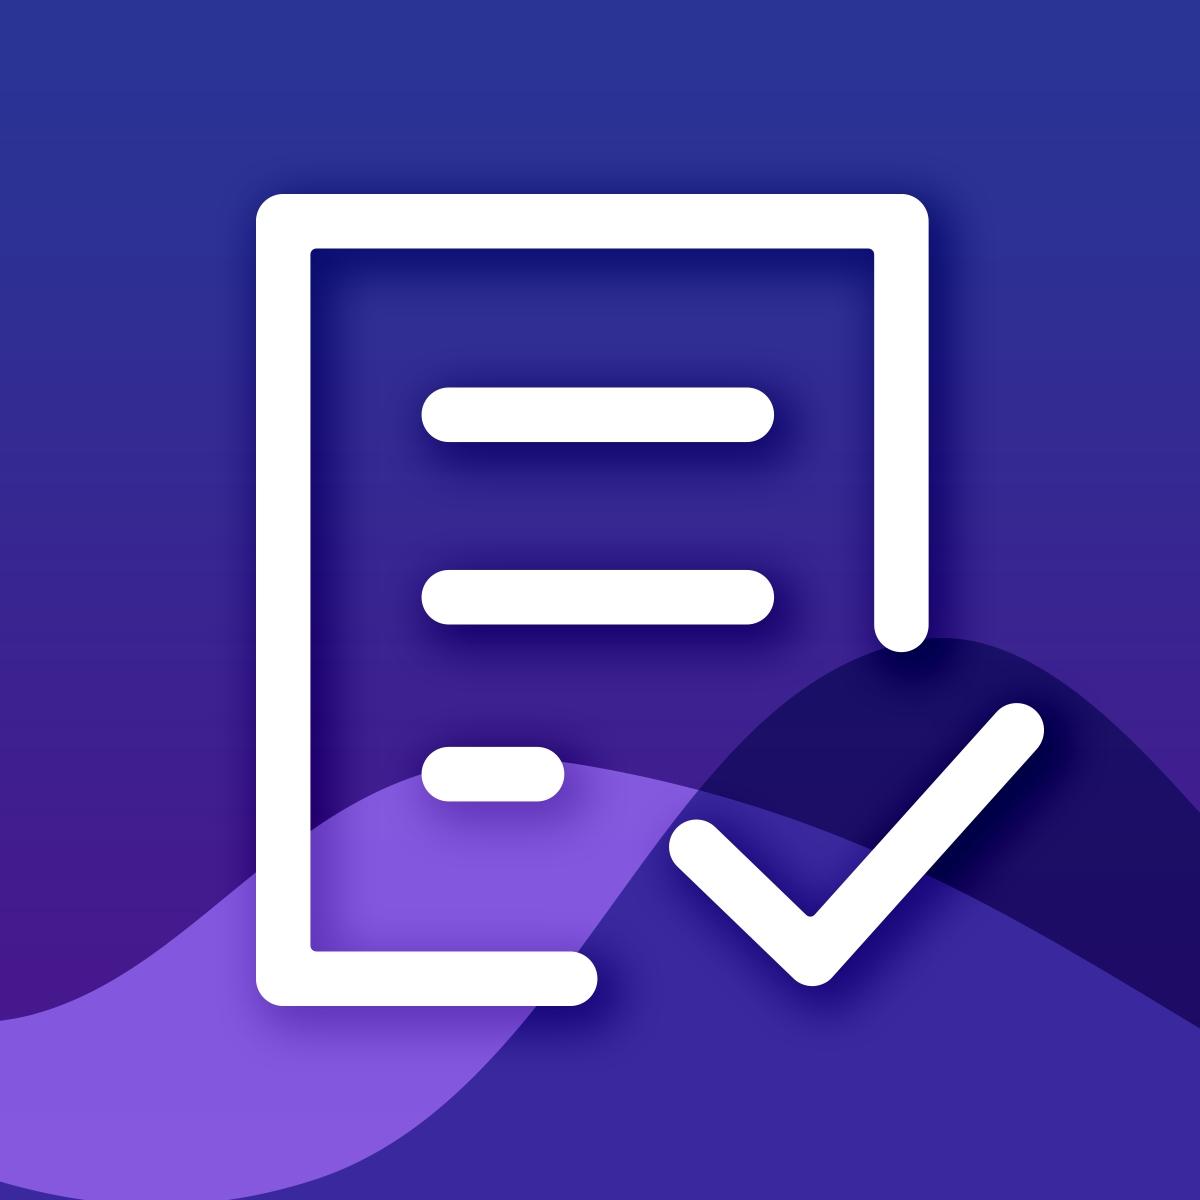 Shopify Invoice app by Mlveda